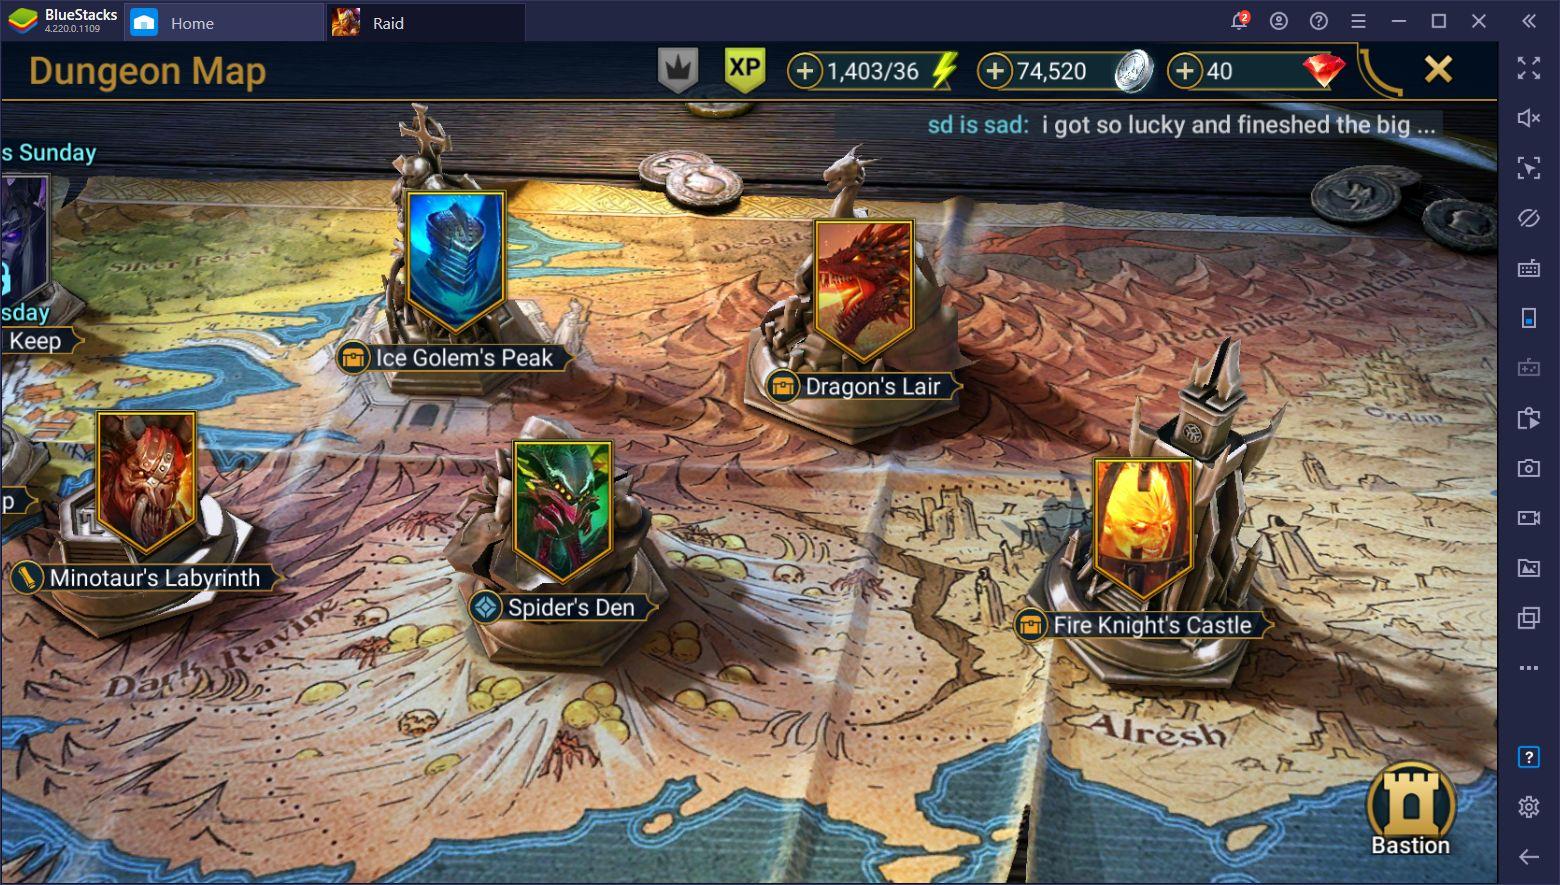 《突襲:暗影傳說 (RAID Shadow Legends)》:如何獲得經驗值、銀幣以及其他資源?